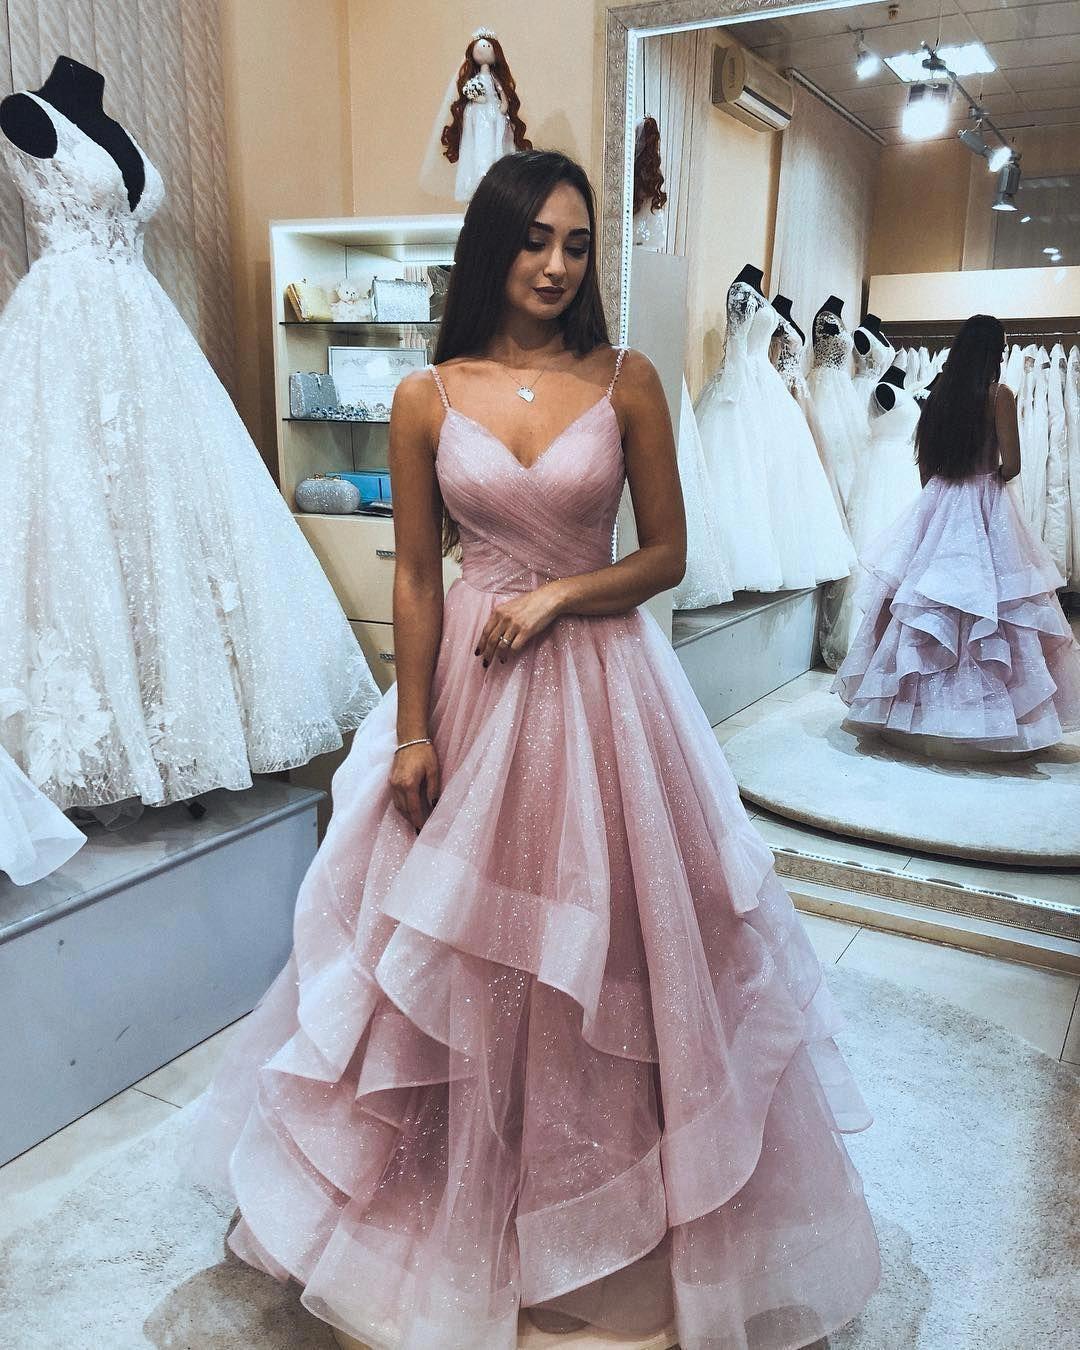 20 Elegant Abendkleid About You für 2019Formal Leicht Abendkleid About You Vertrieb